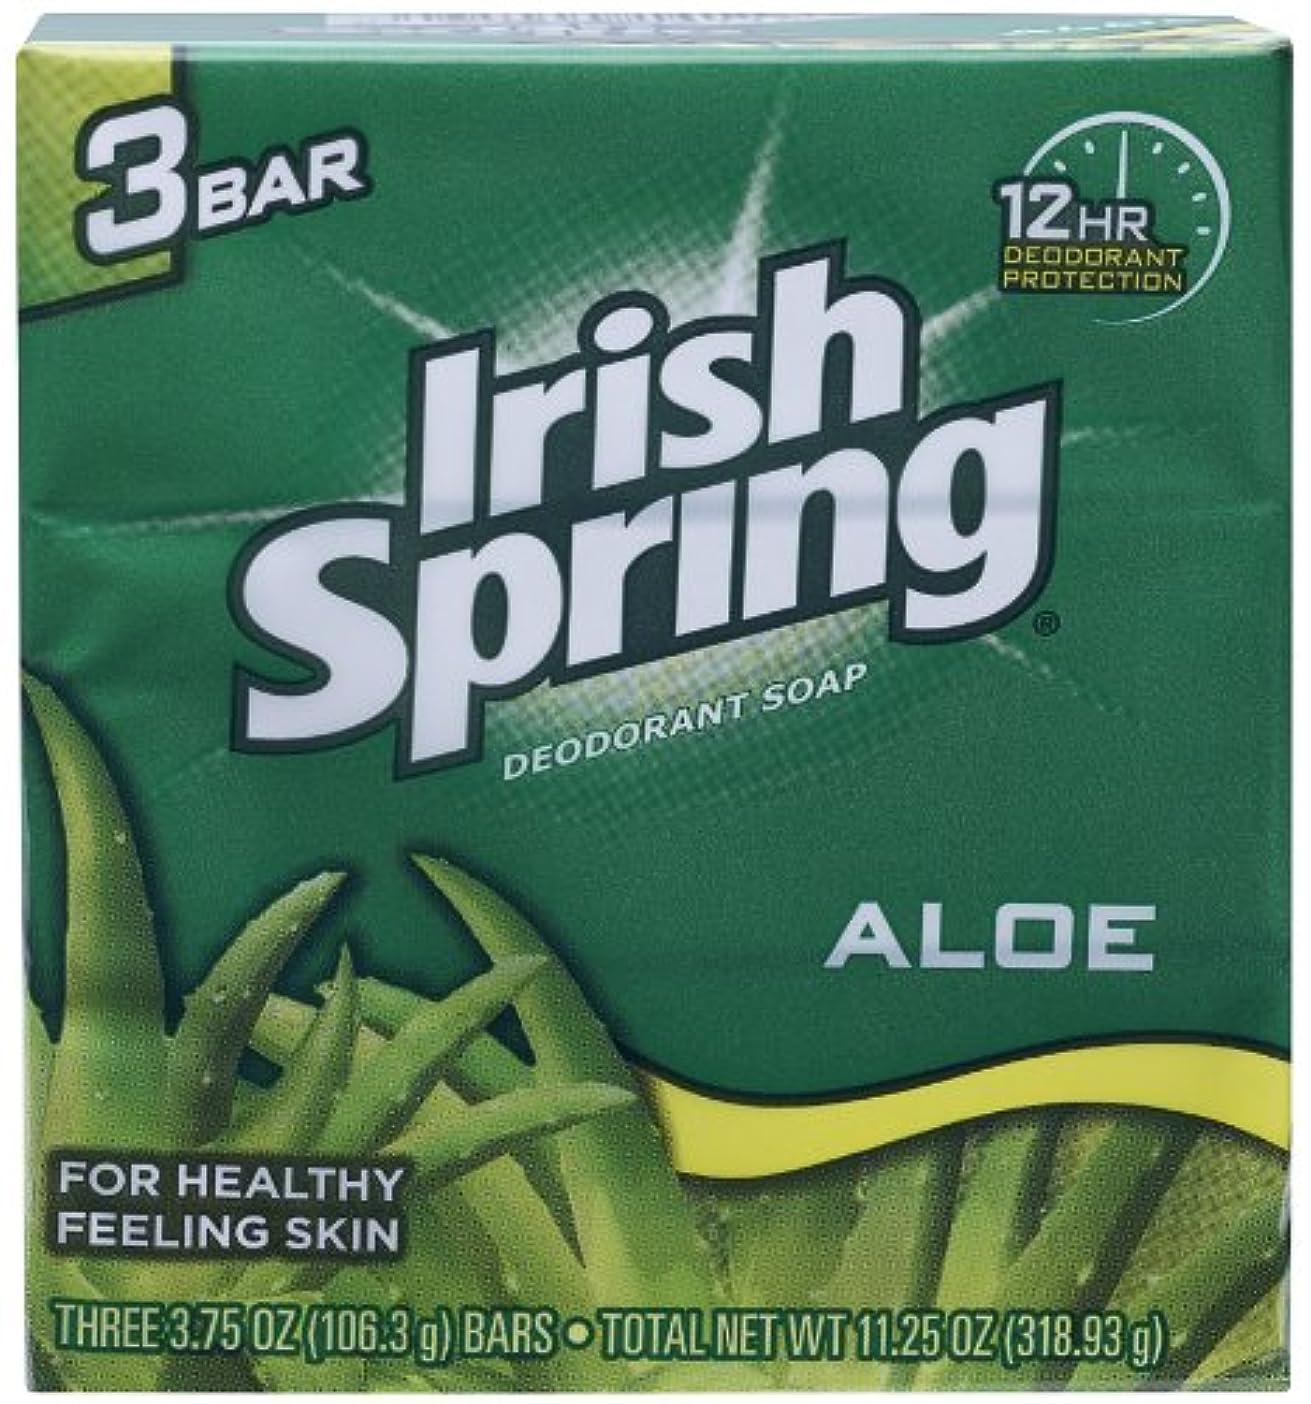 子供達センブランス多分Irish Spring (IRIAL) ユニセックスのためにアロエデオドラントソープすることにより、3カウント